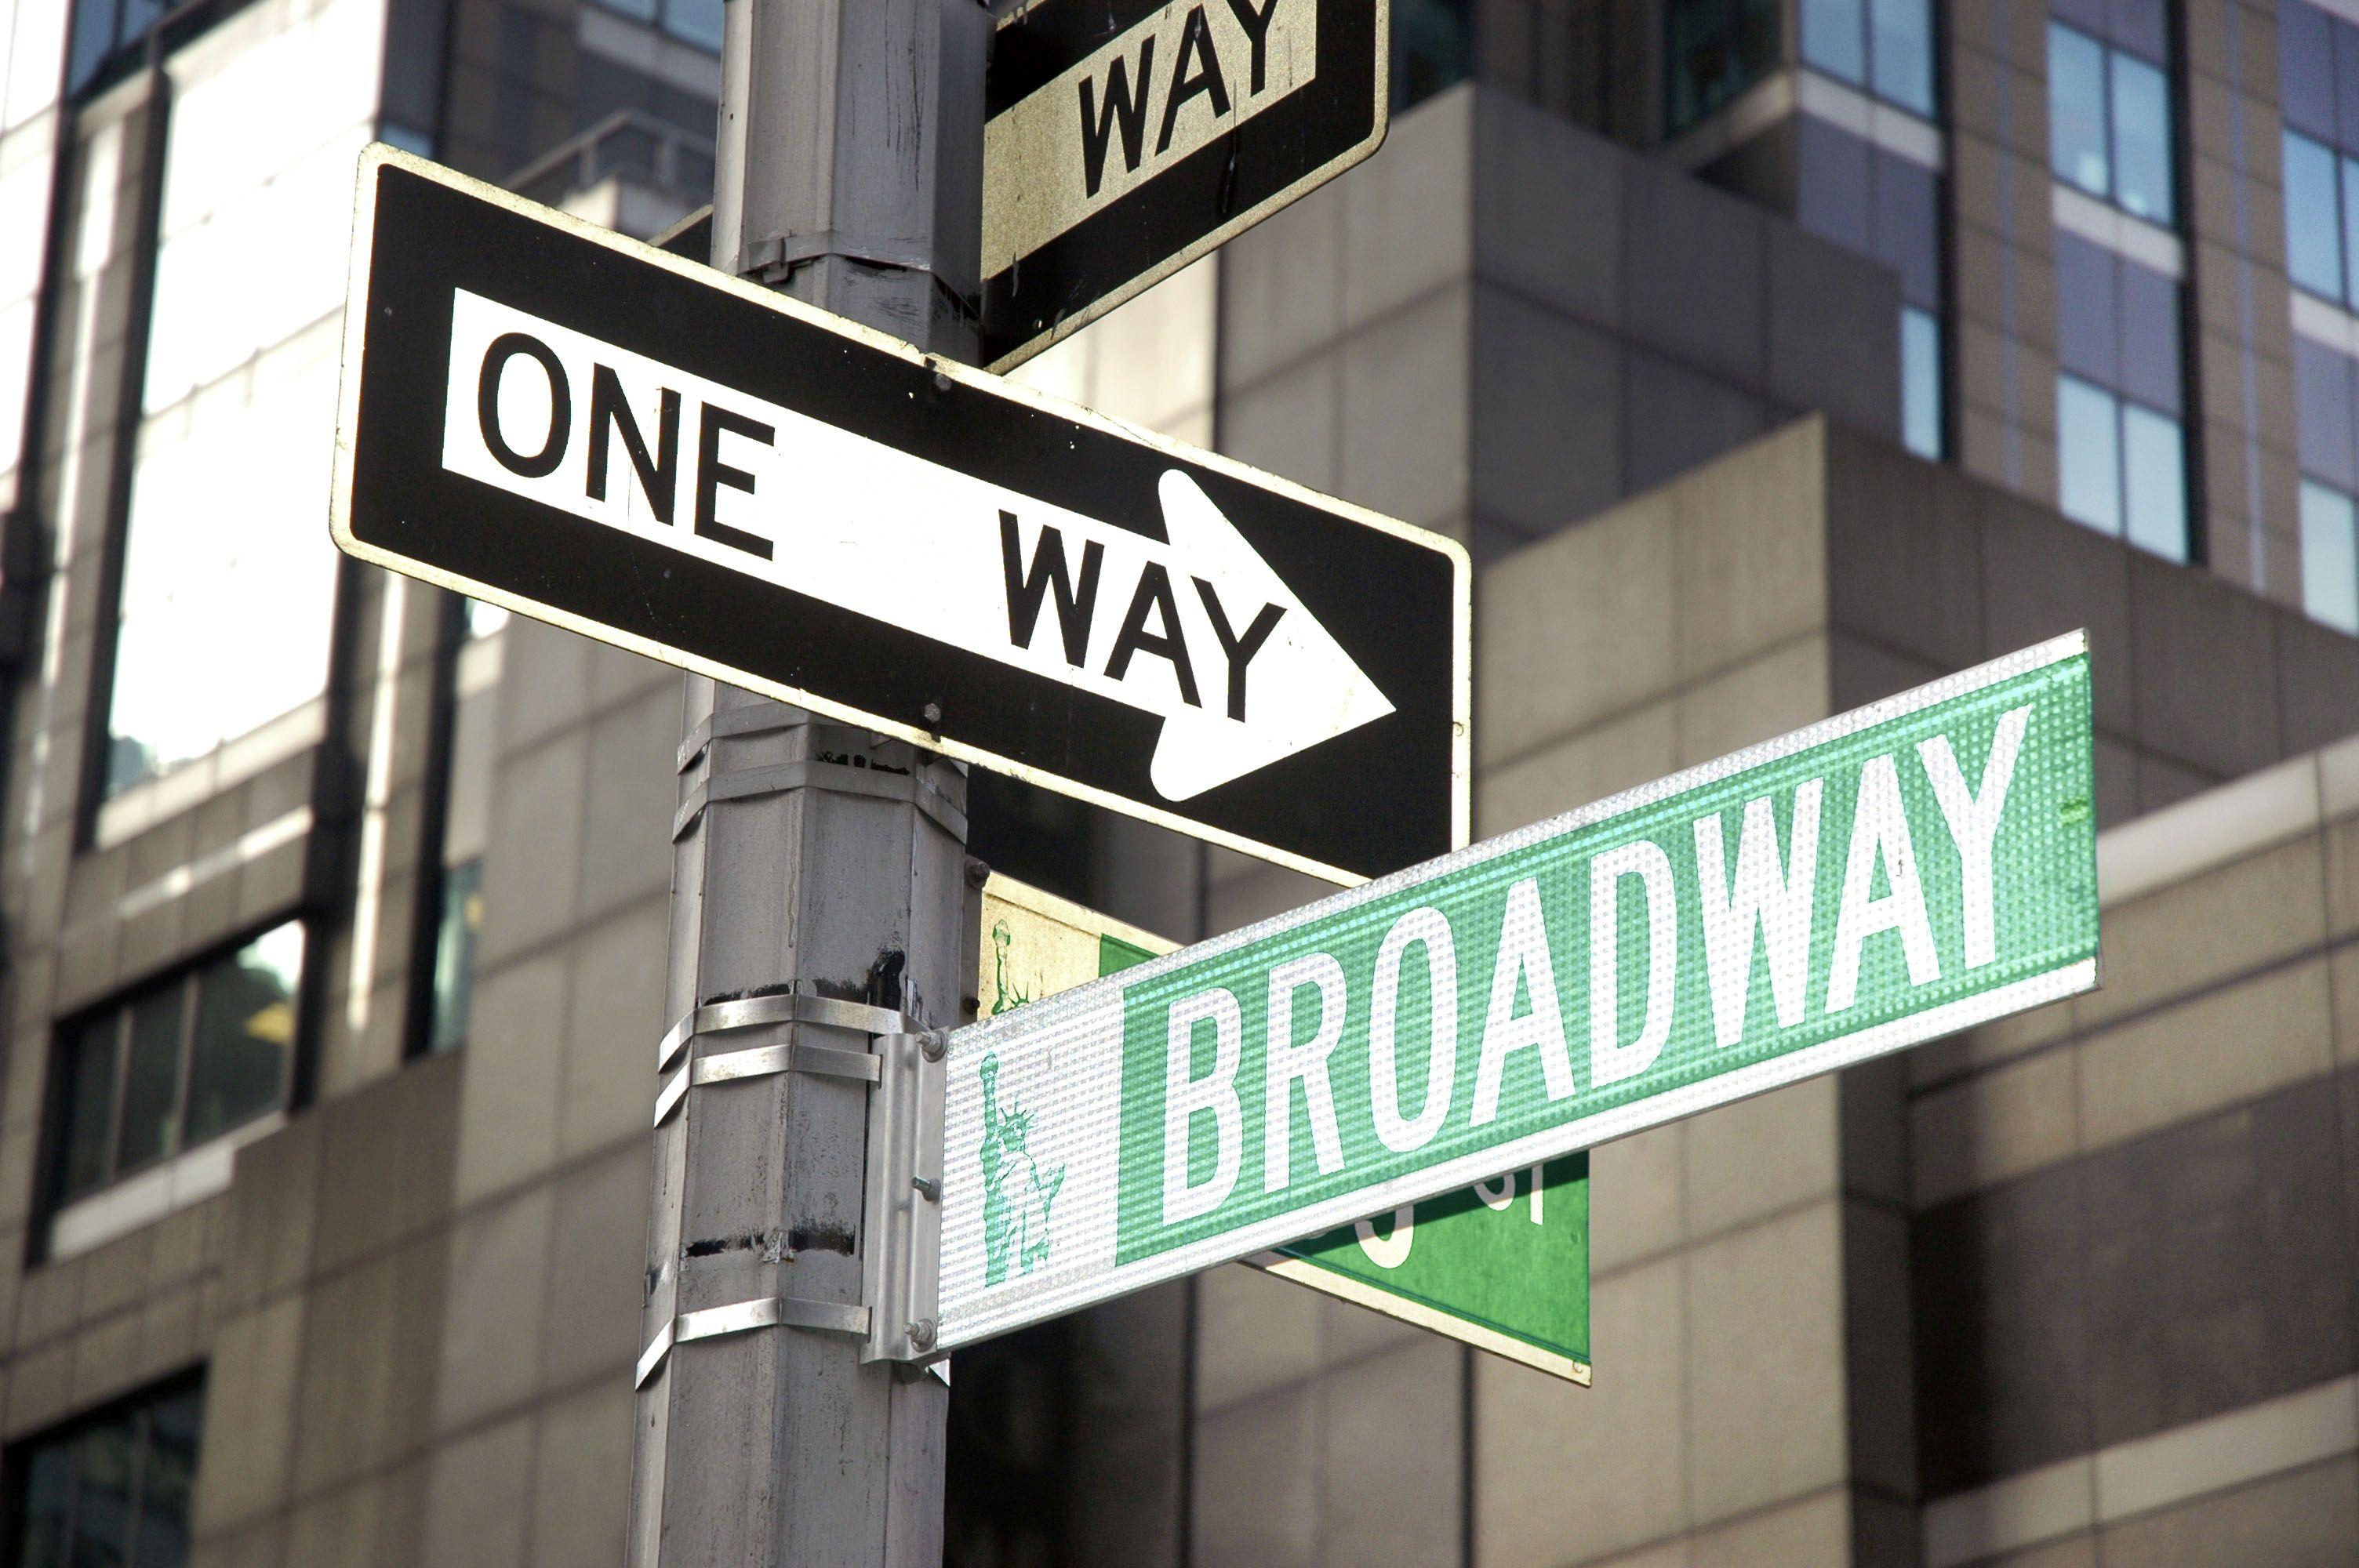 New York Broadway © Marco Polo Reisen_Fotoliaglobalthinking